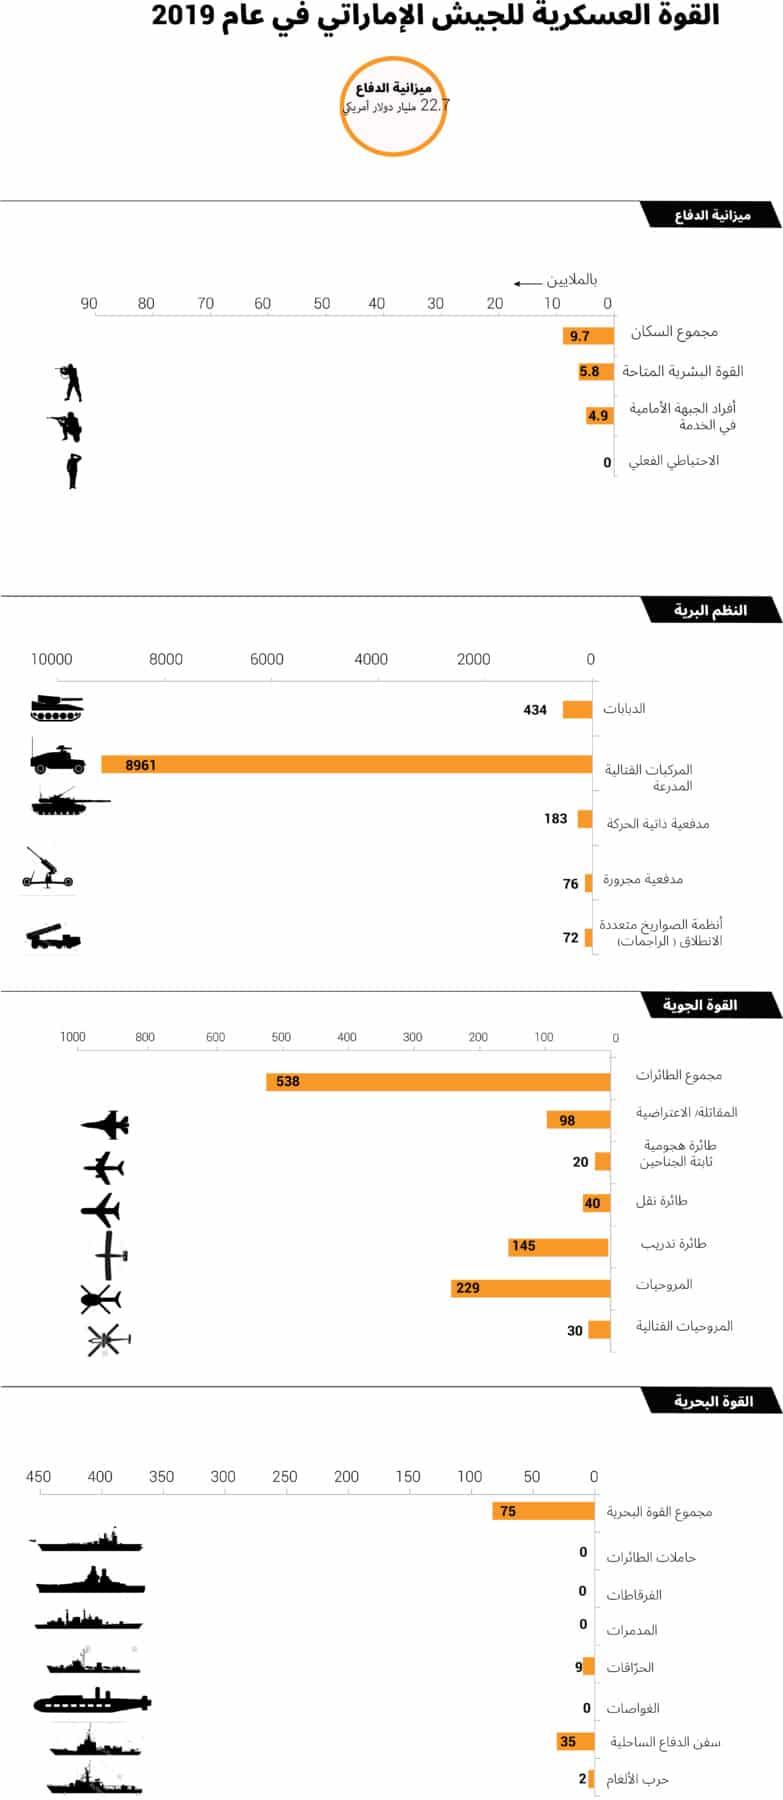 جيش الإمارات